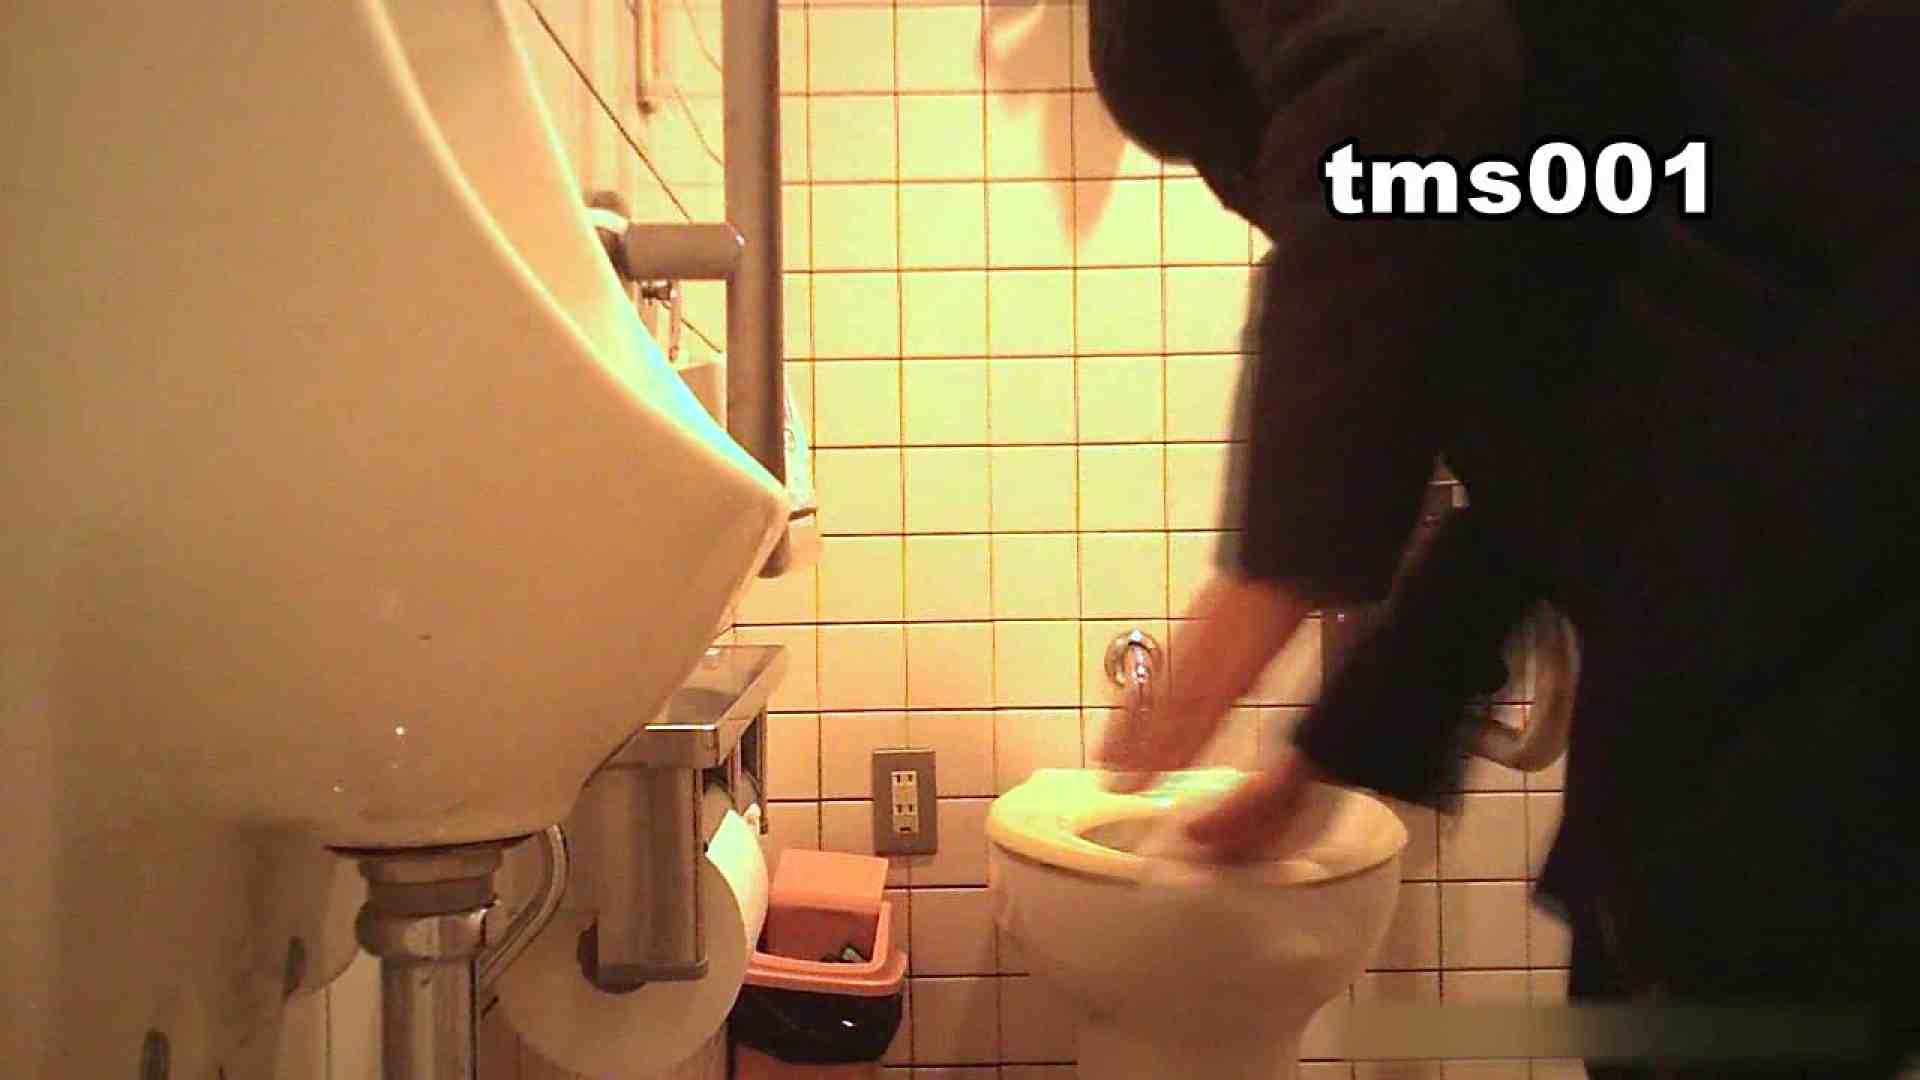 トイメンの割れ目 vol.001 洗面所シーン AV動画キャプチャ 91画像 44